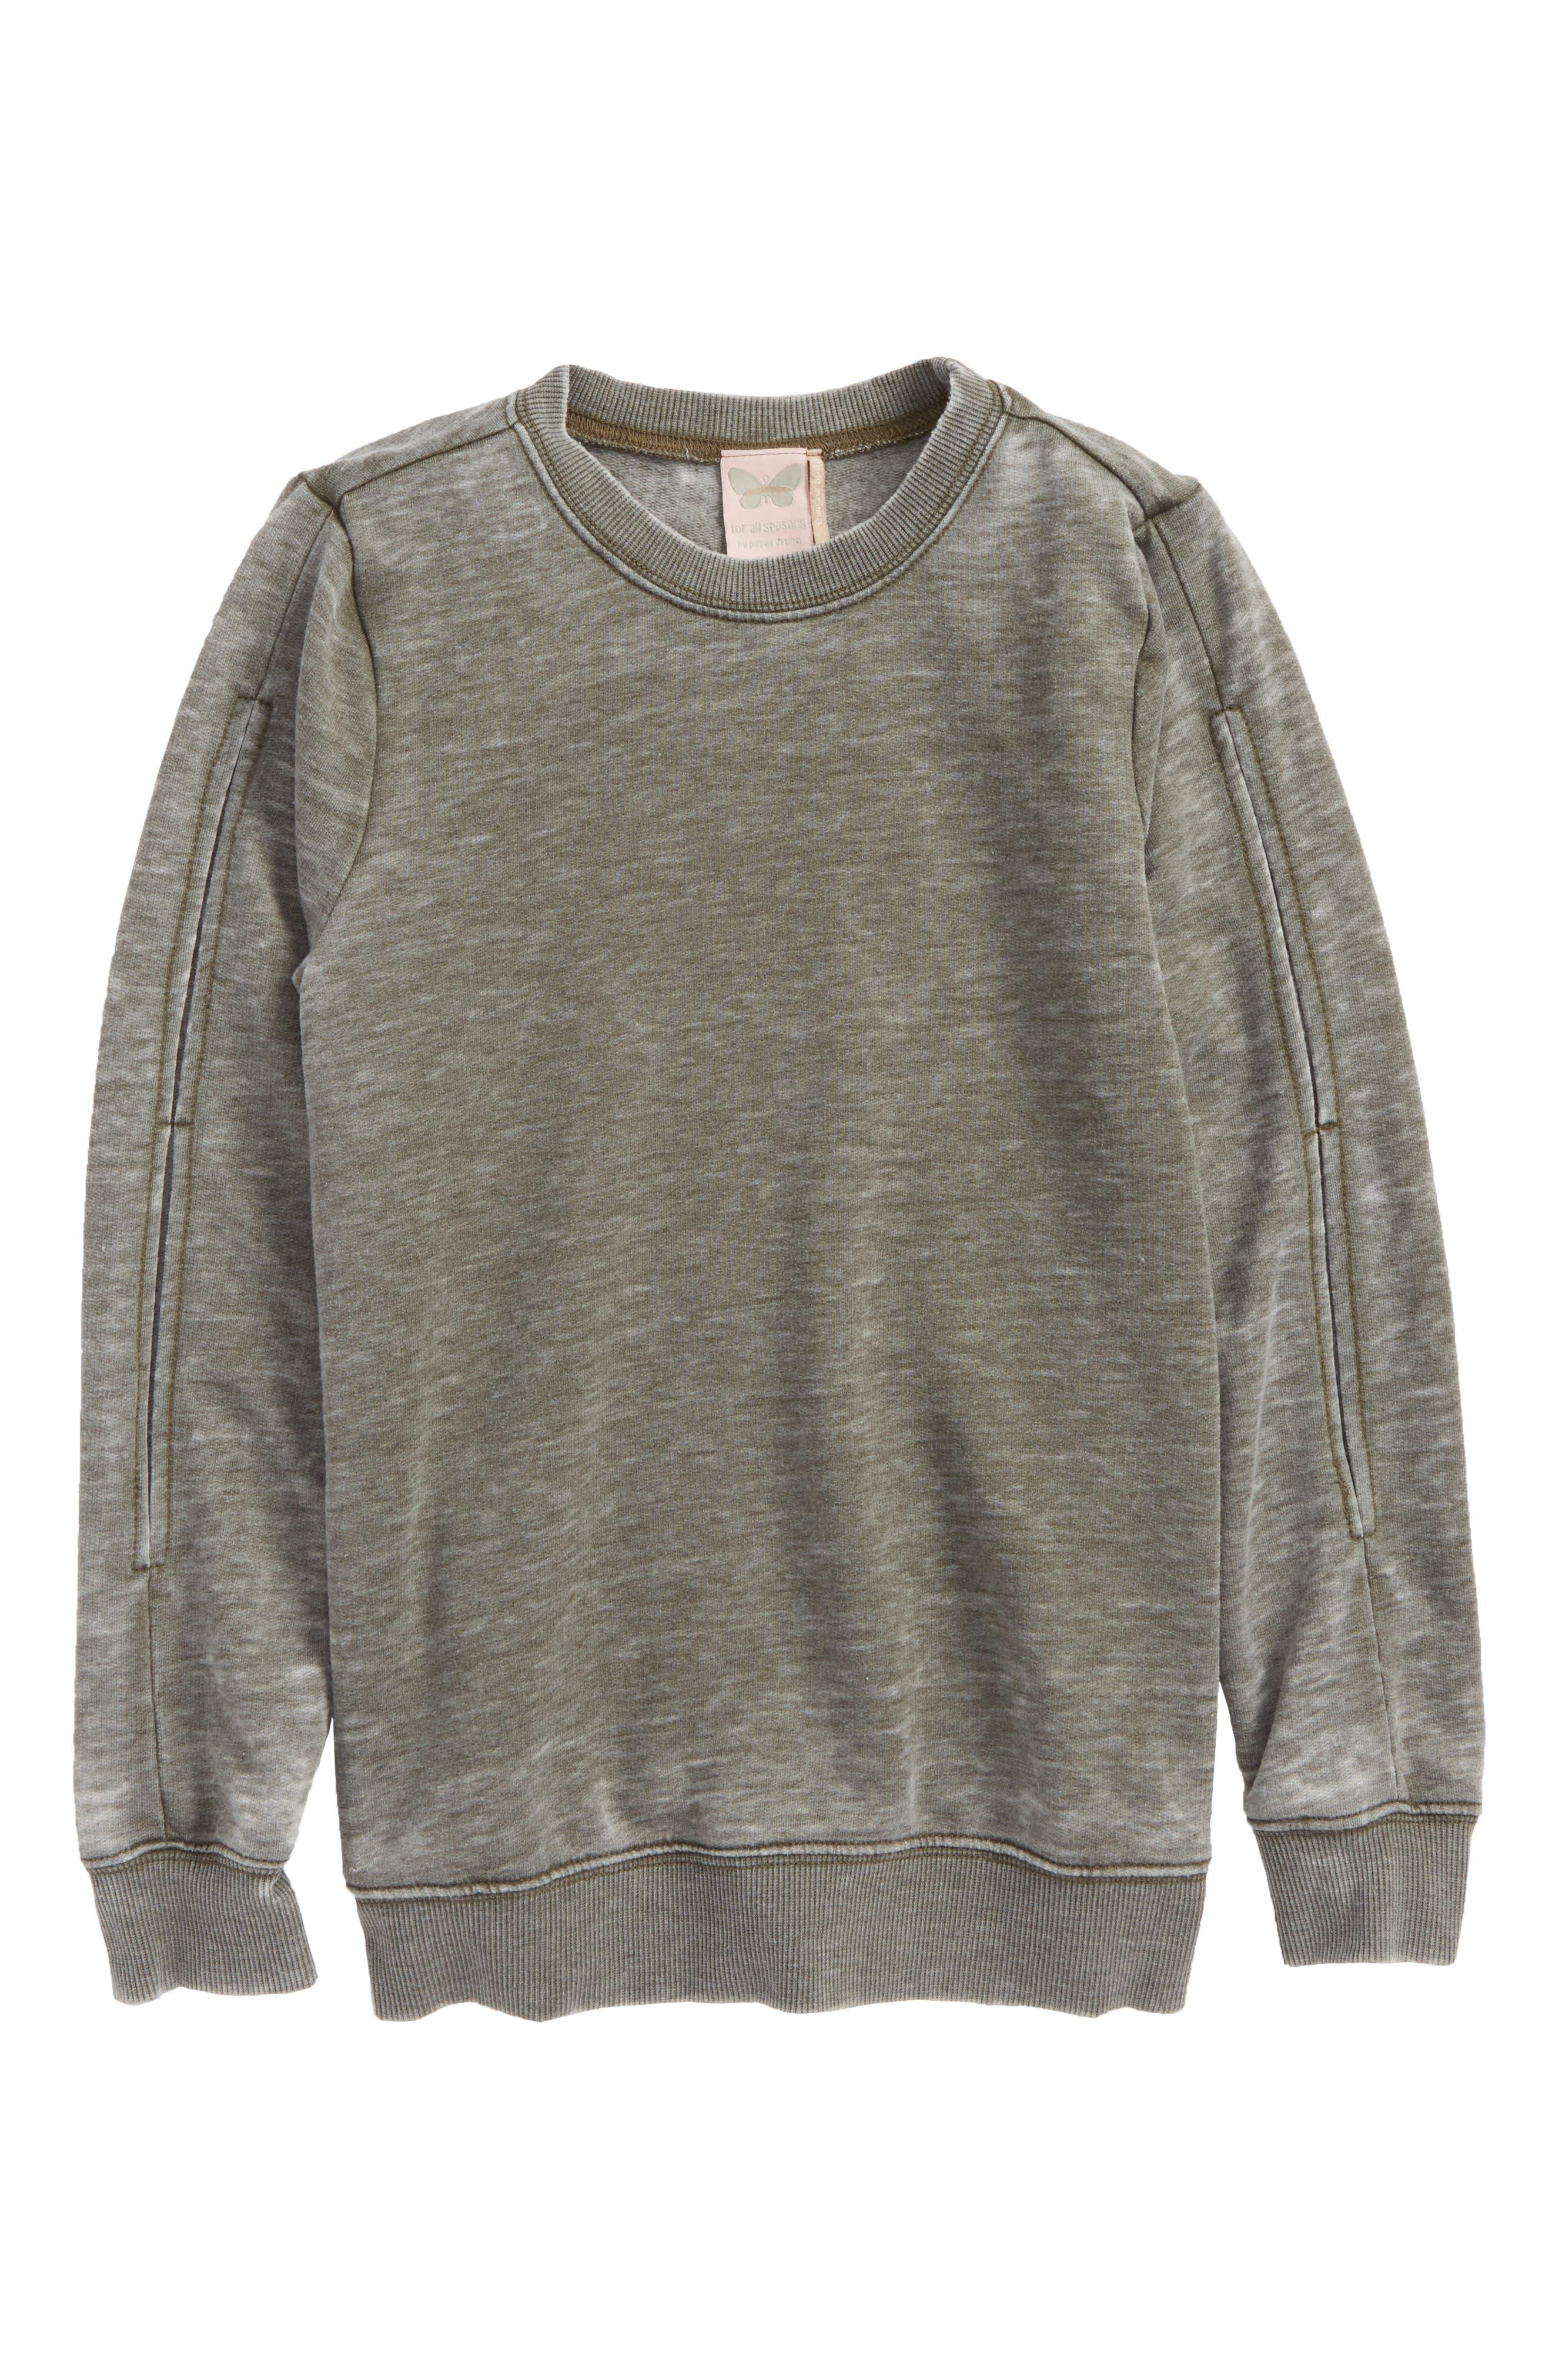 Mineral Wash Sweatshirt,                             Main thumbnail 1, color,                             310